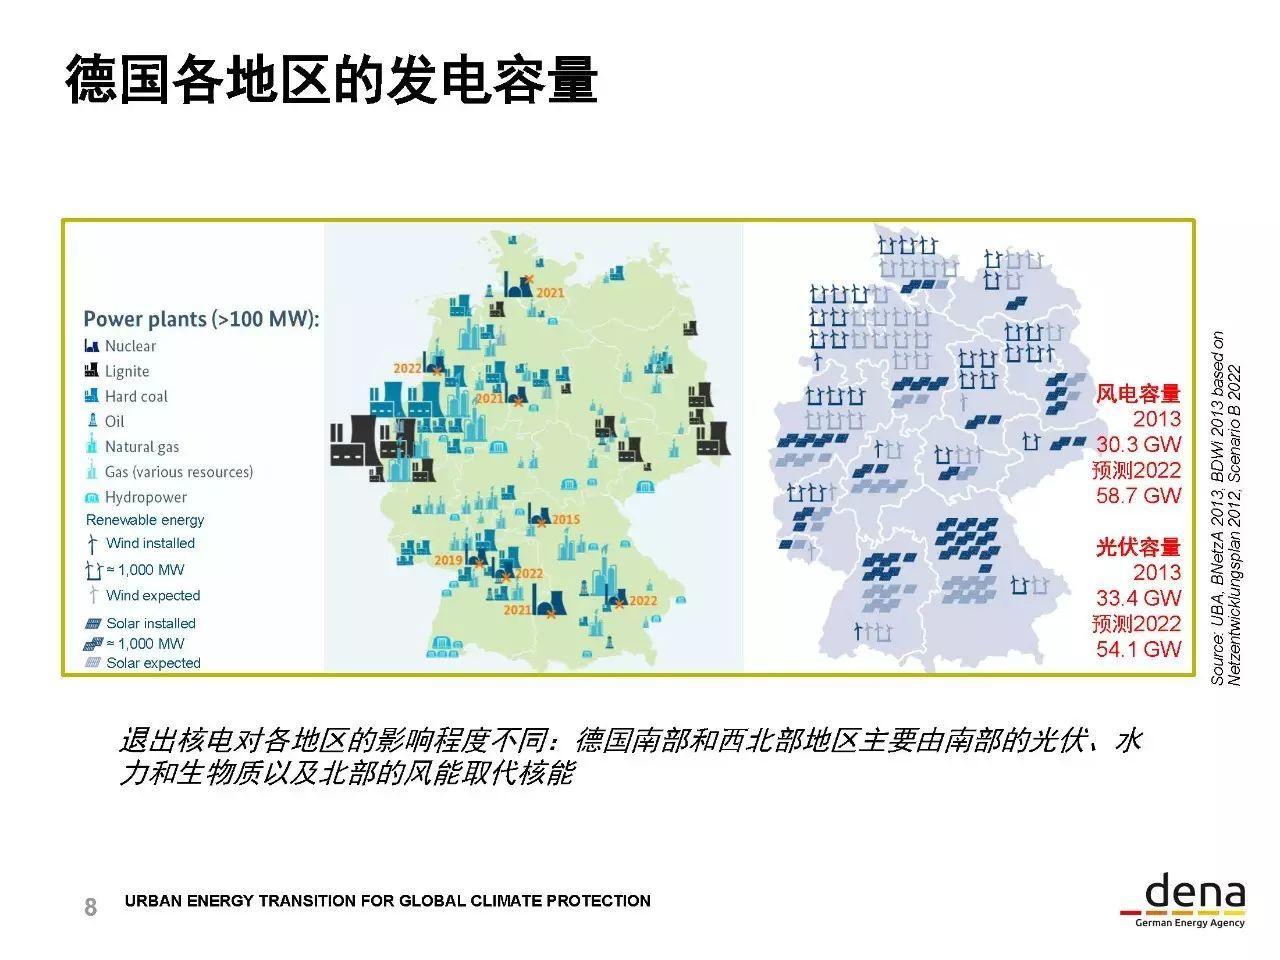 15张PPT解析德国能源转型经验